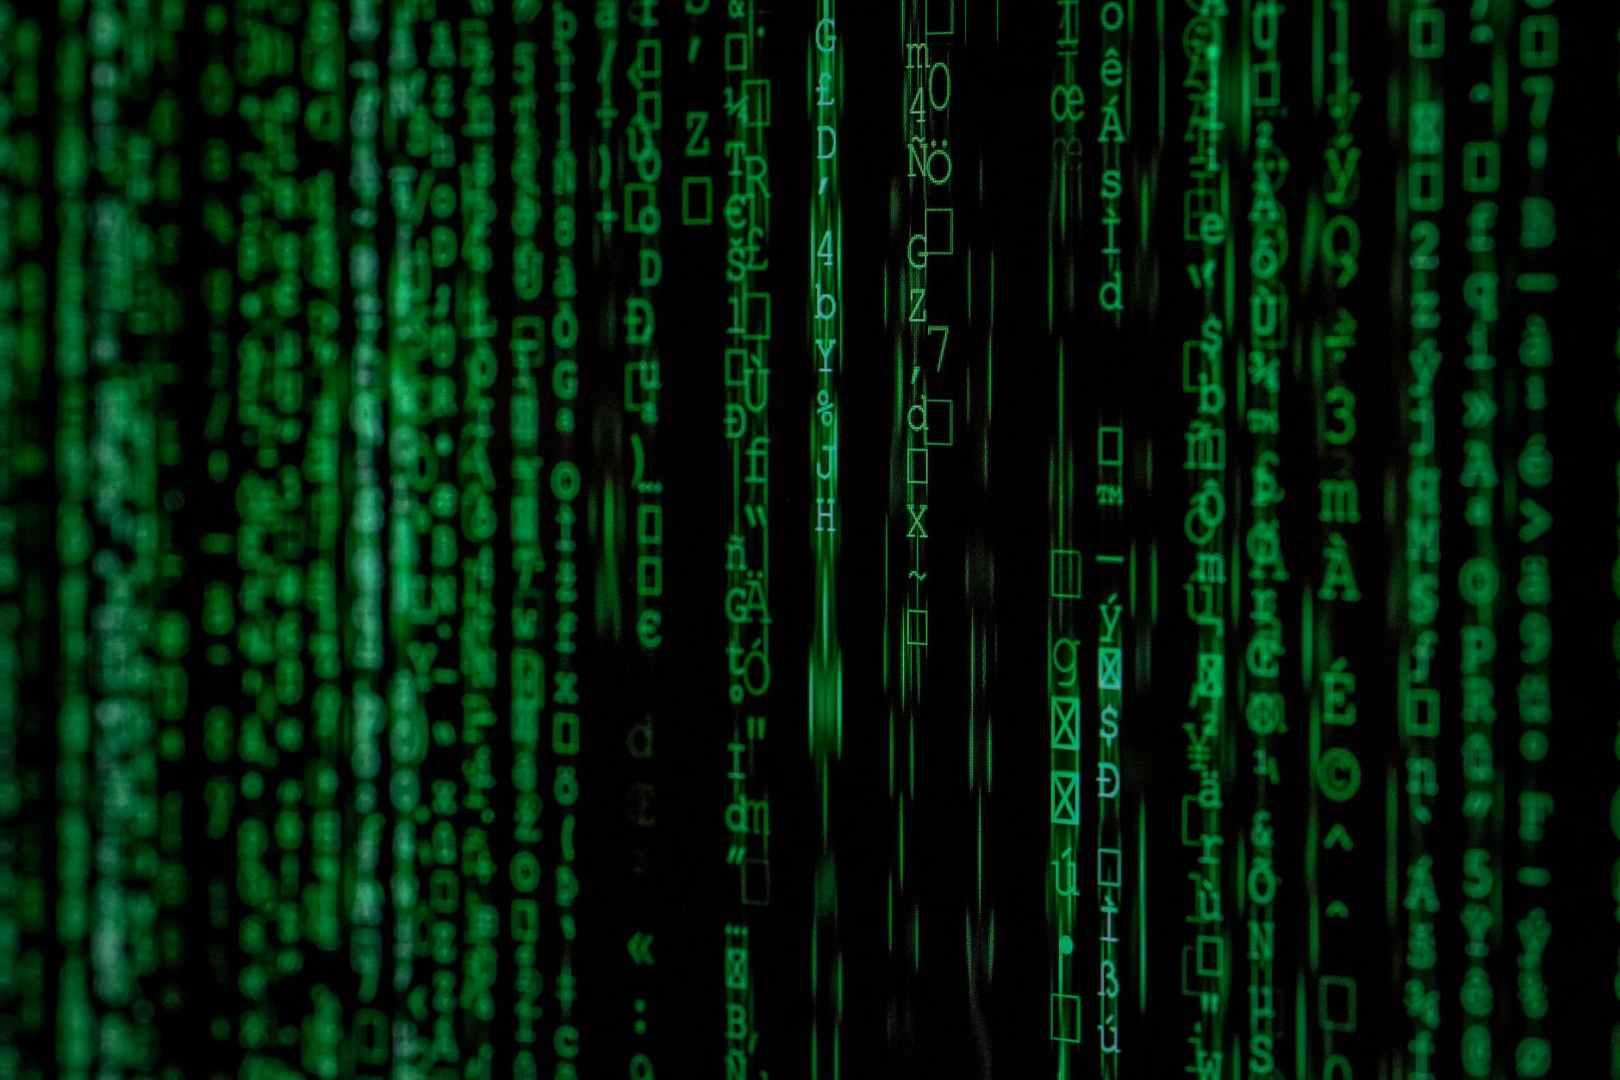 virus informatique matrice